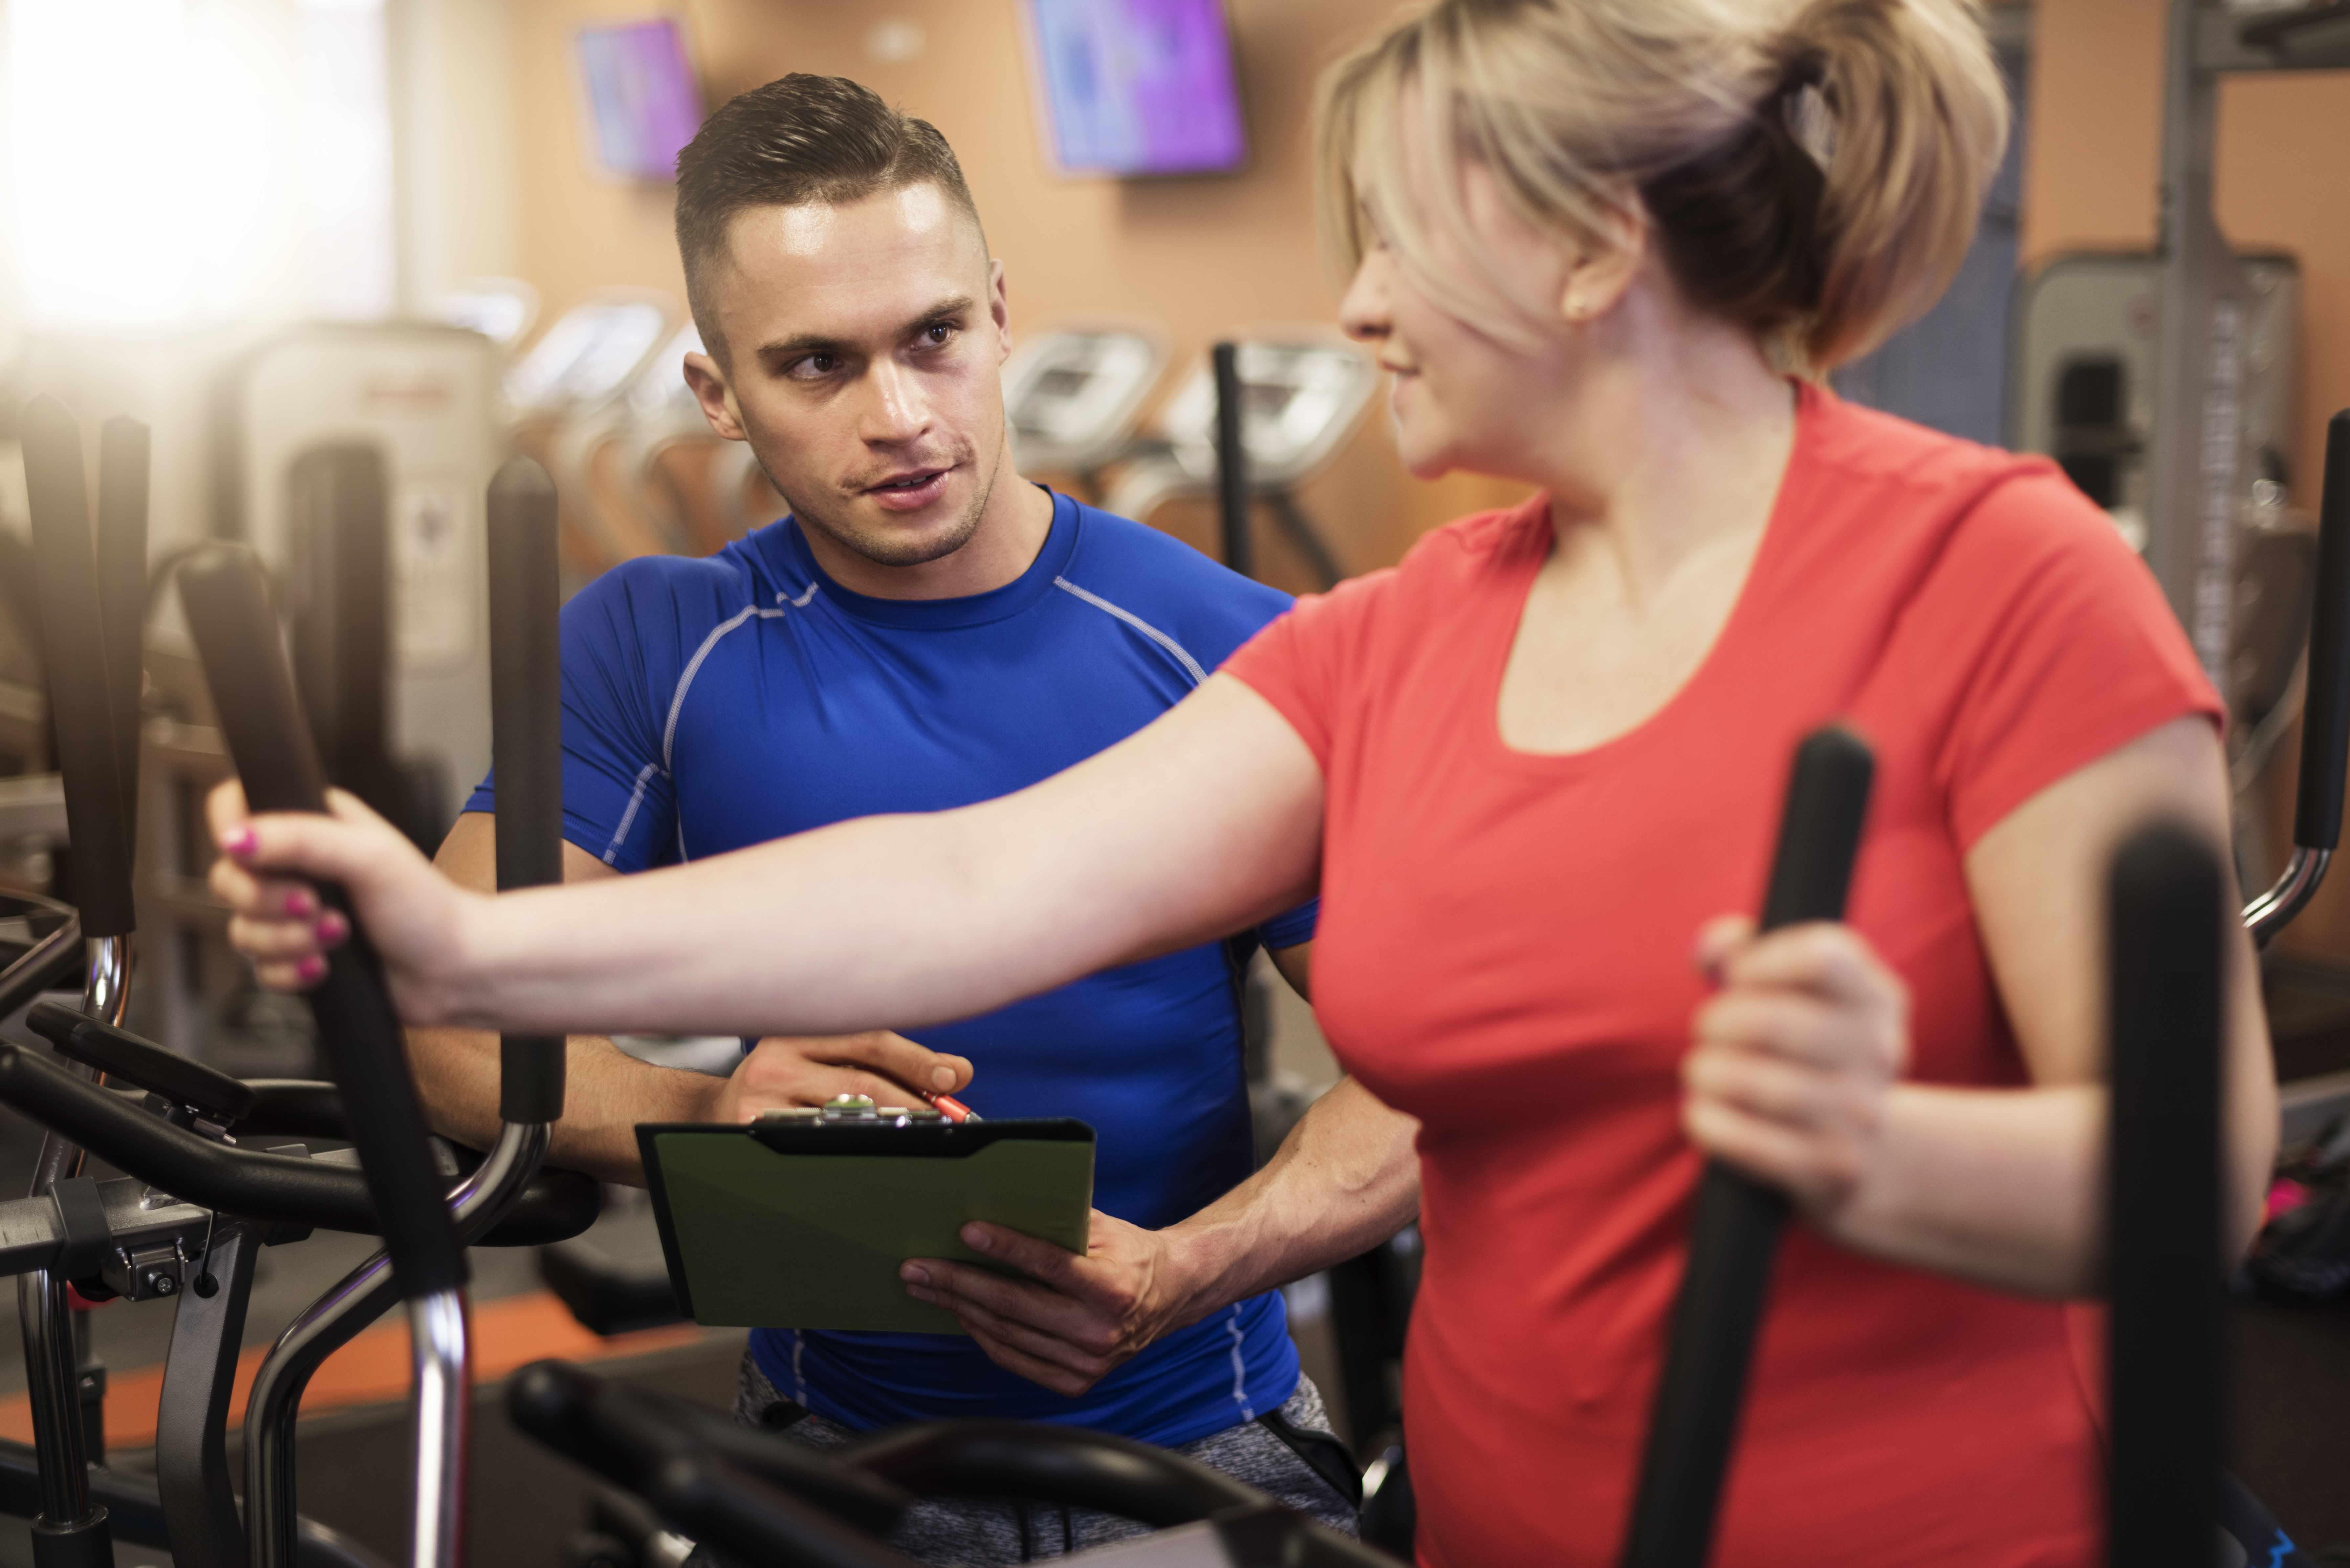 Una mujer hace ejercicio en la cinta de andar en un gimnasio y con un instructor